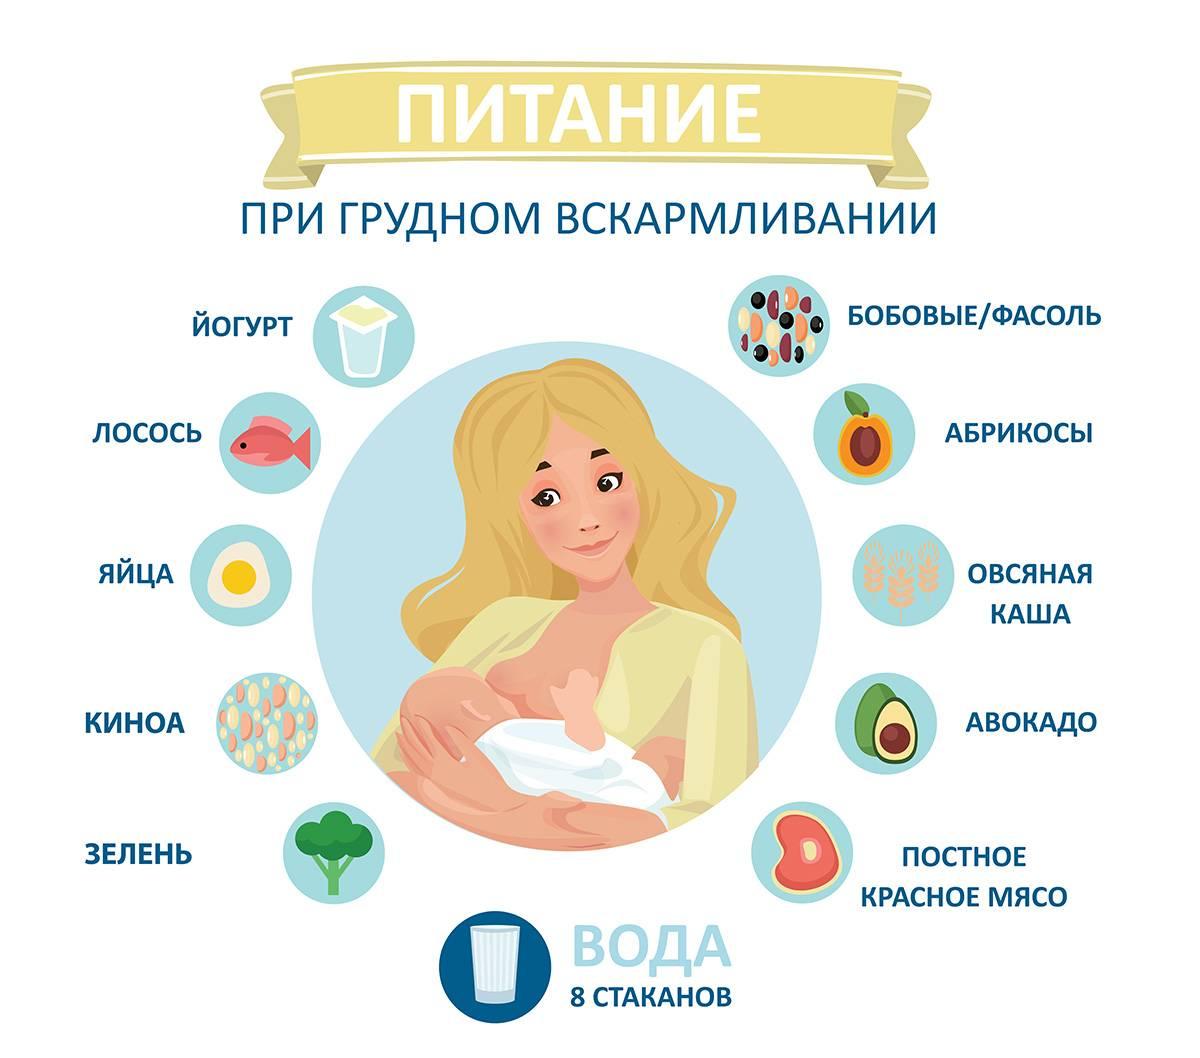 Можно ли худеть во время кормления ребенка